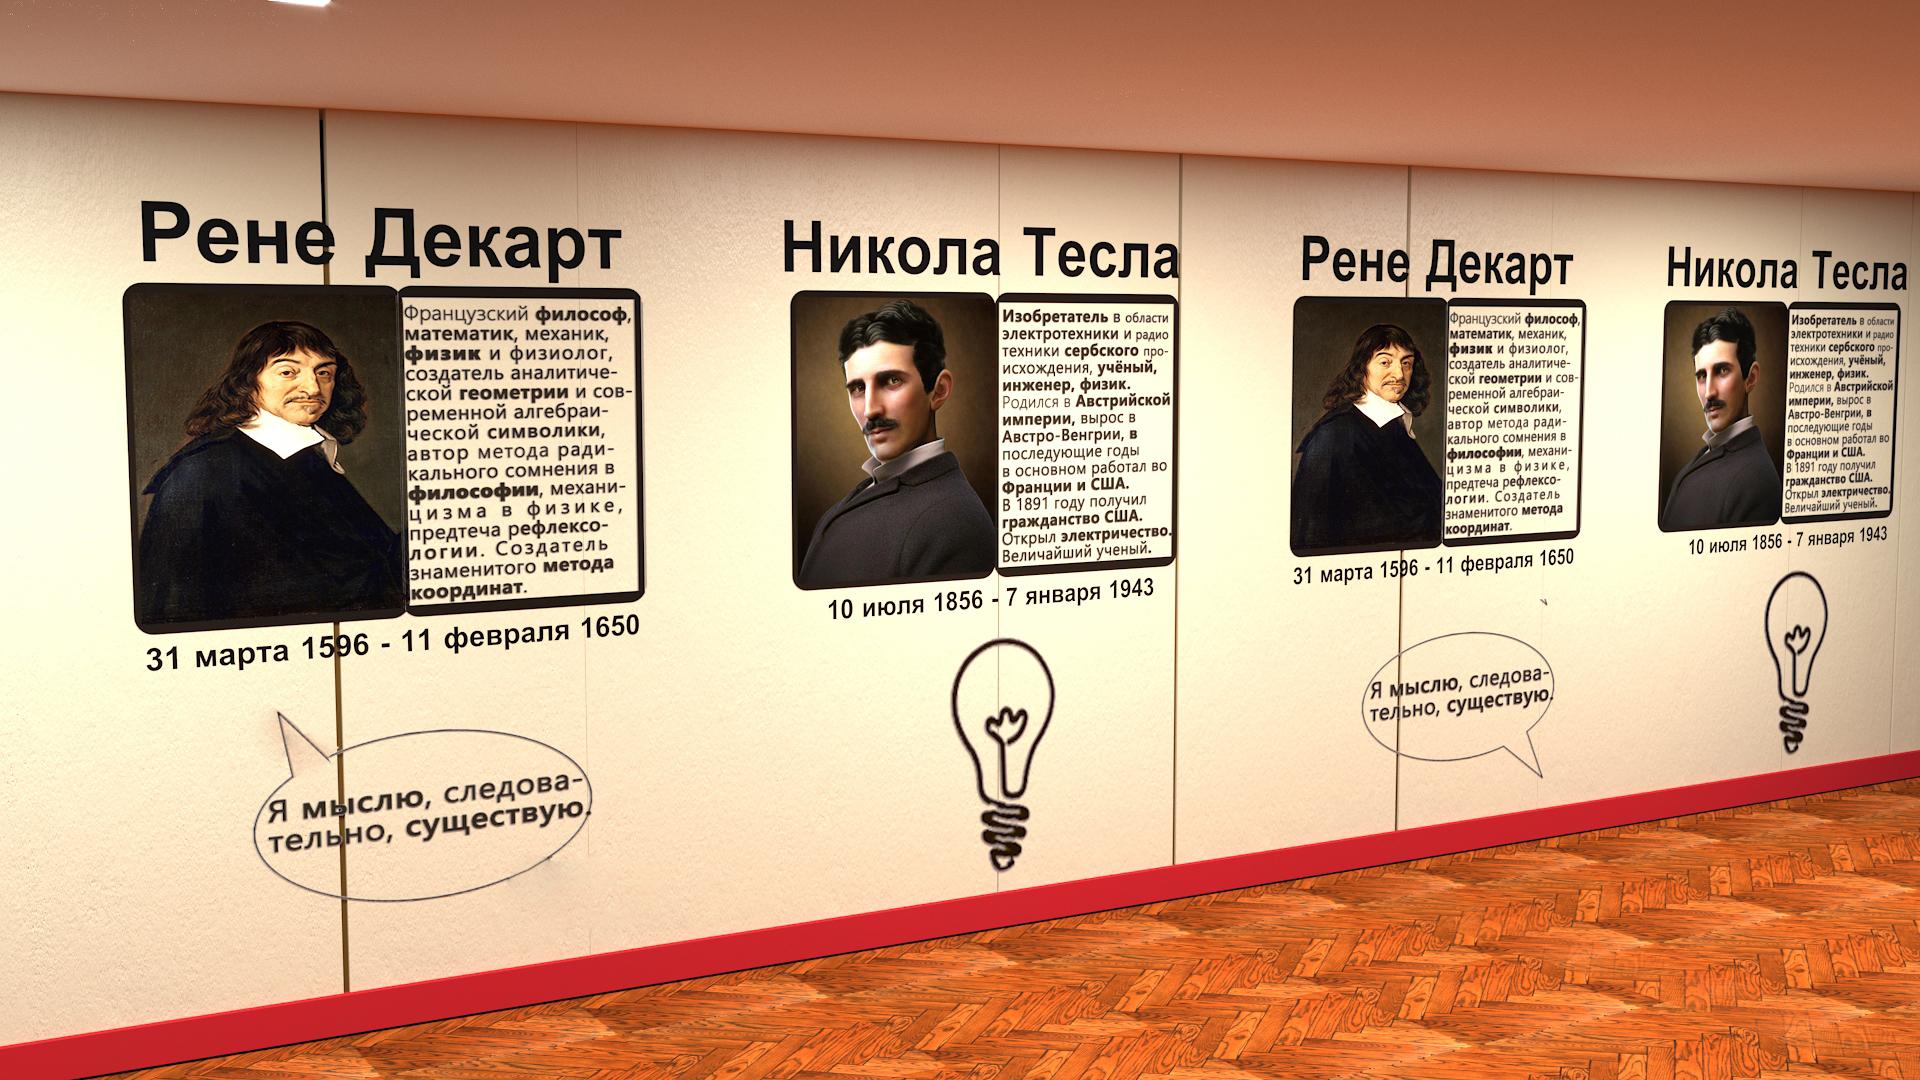 Предложить идею оформления портретов (с информацией) на стене фото f_4505e1f40e2d435b.jpg